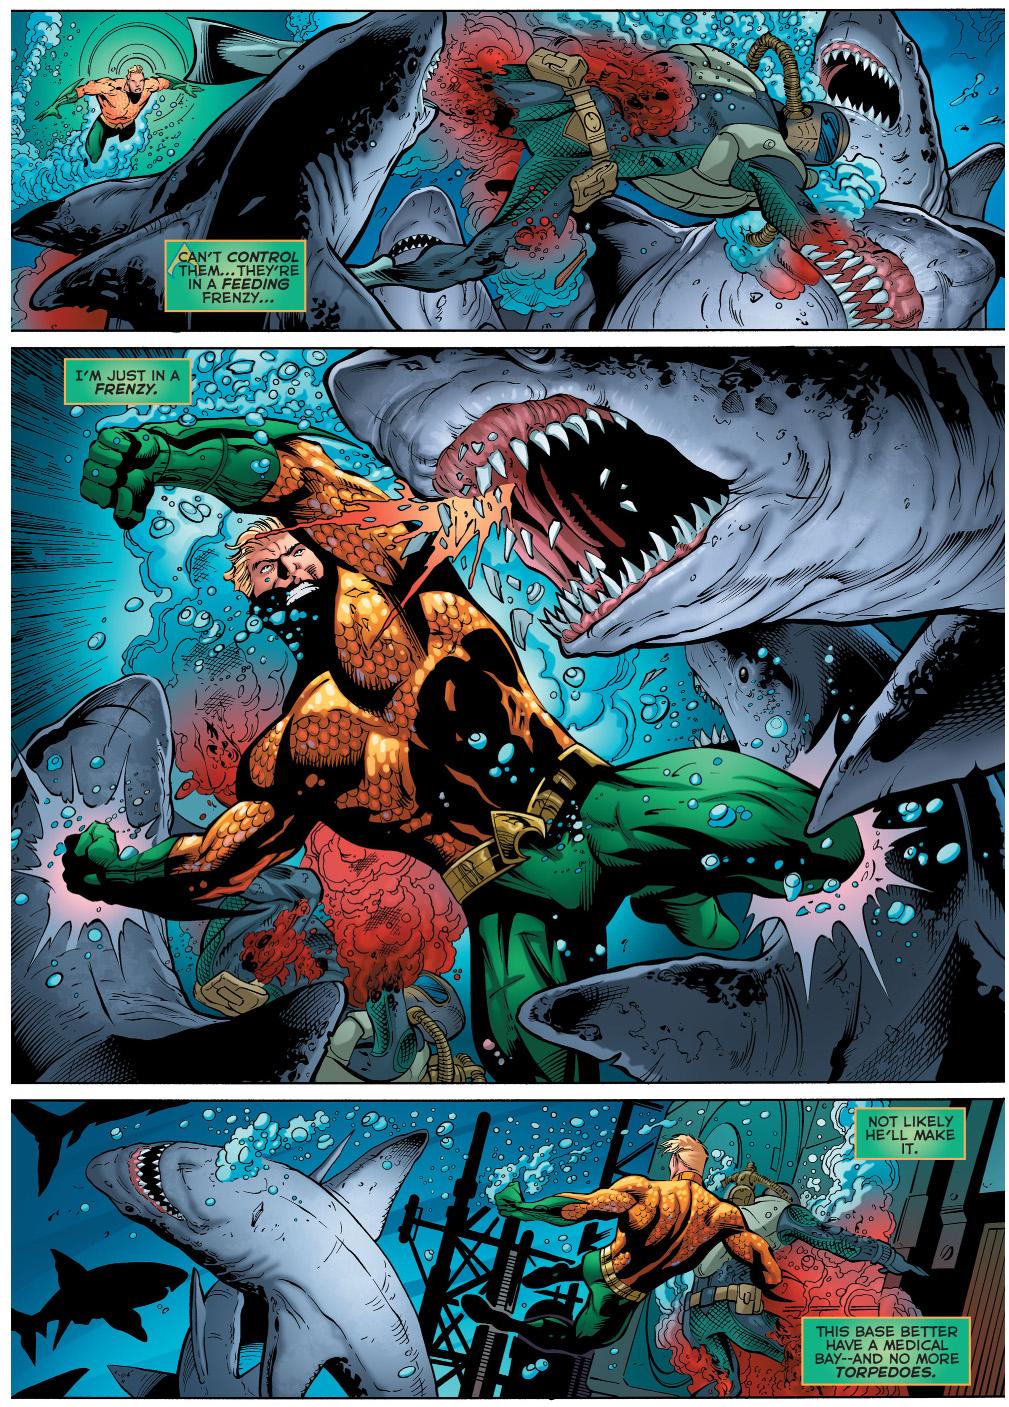 aquaman stops a shark attack